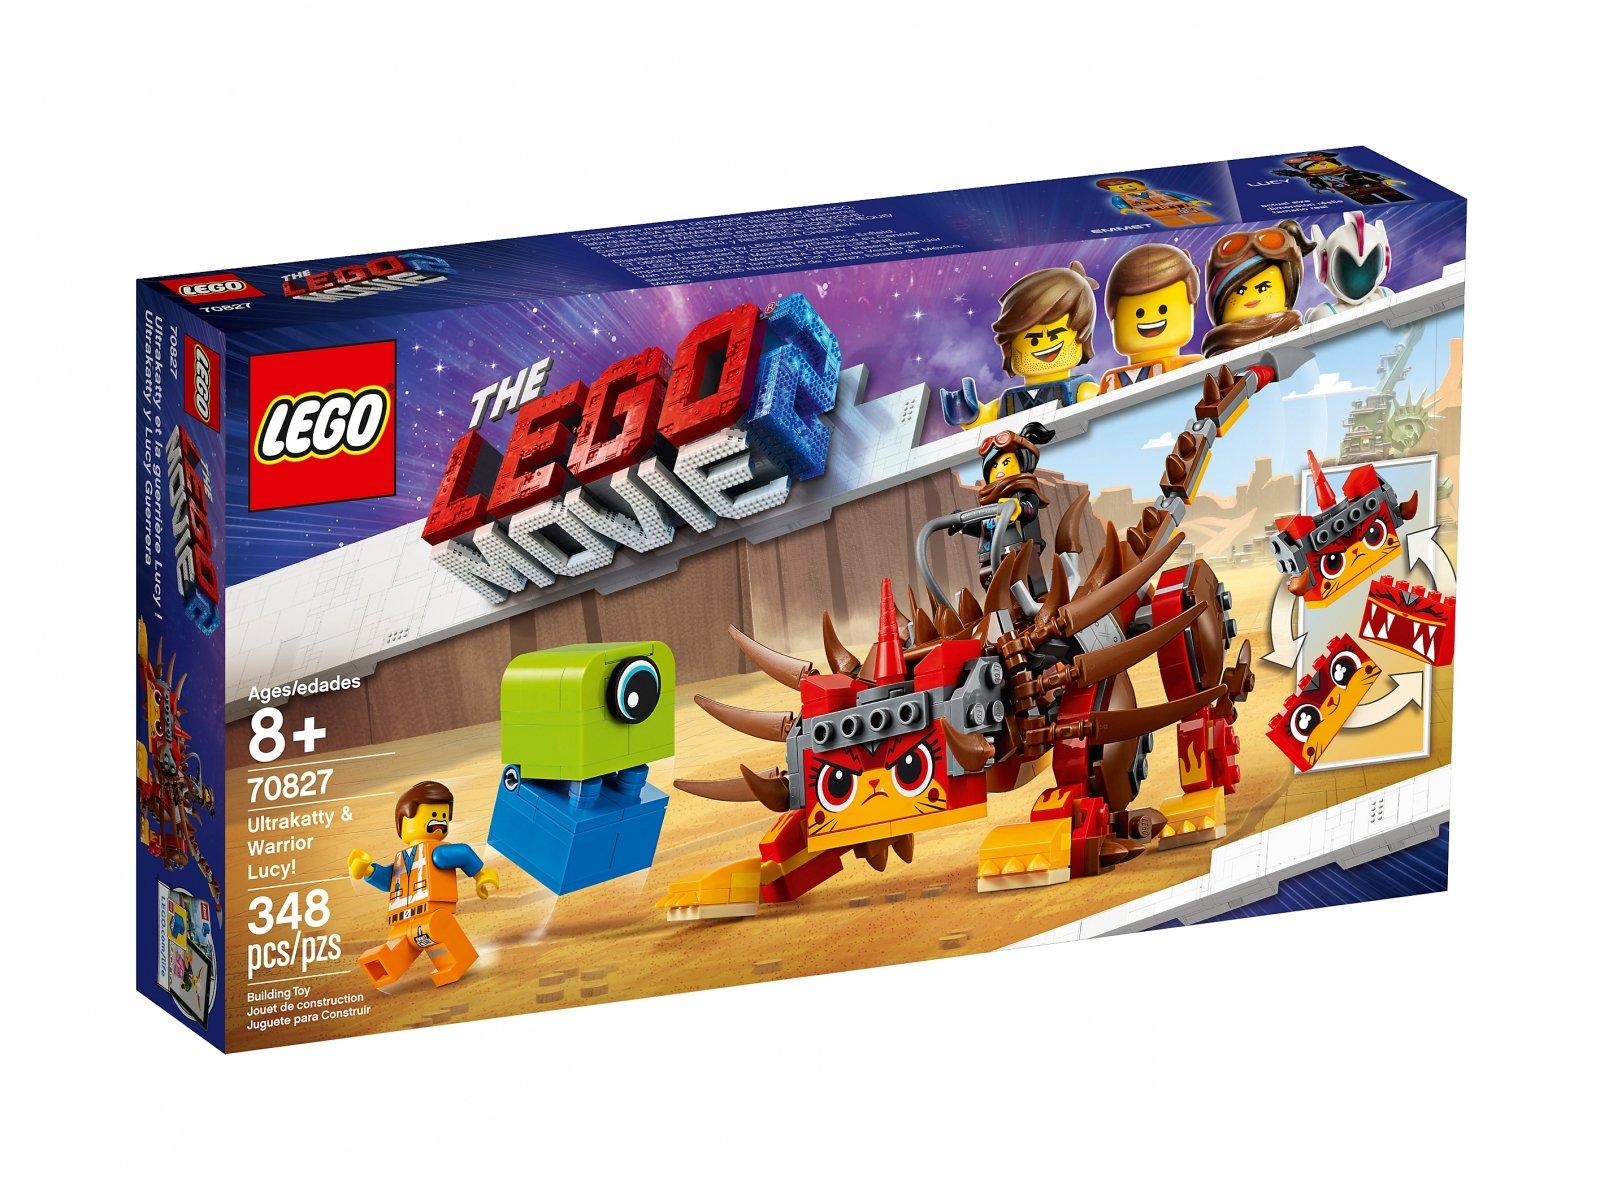 LEGO 70827 UltraKocia i Lucy Wojowniczka